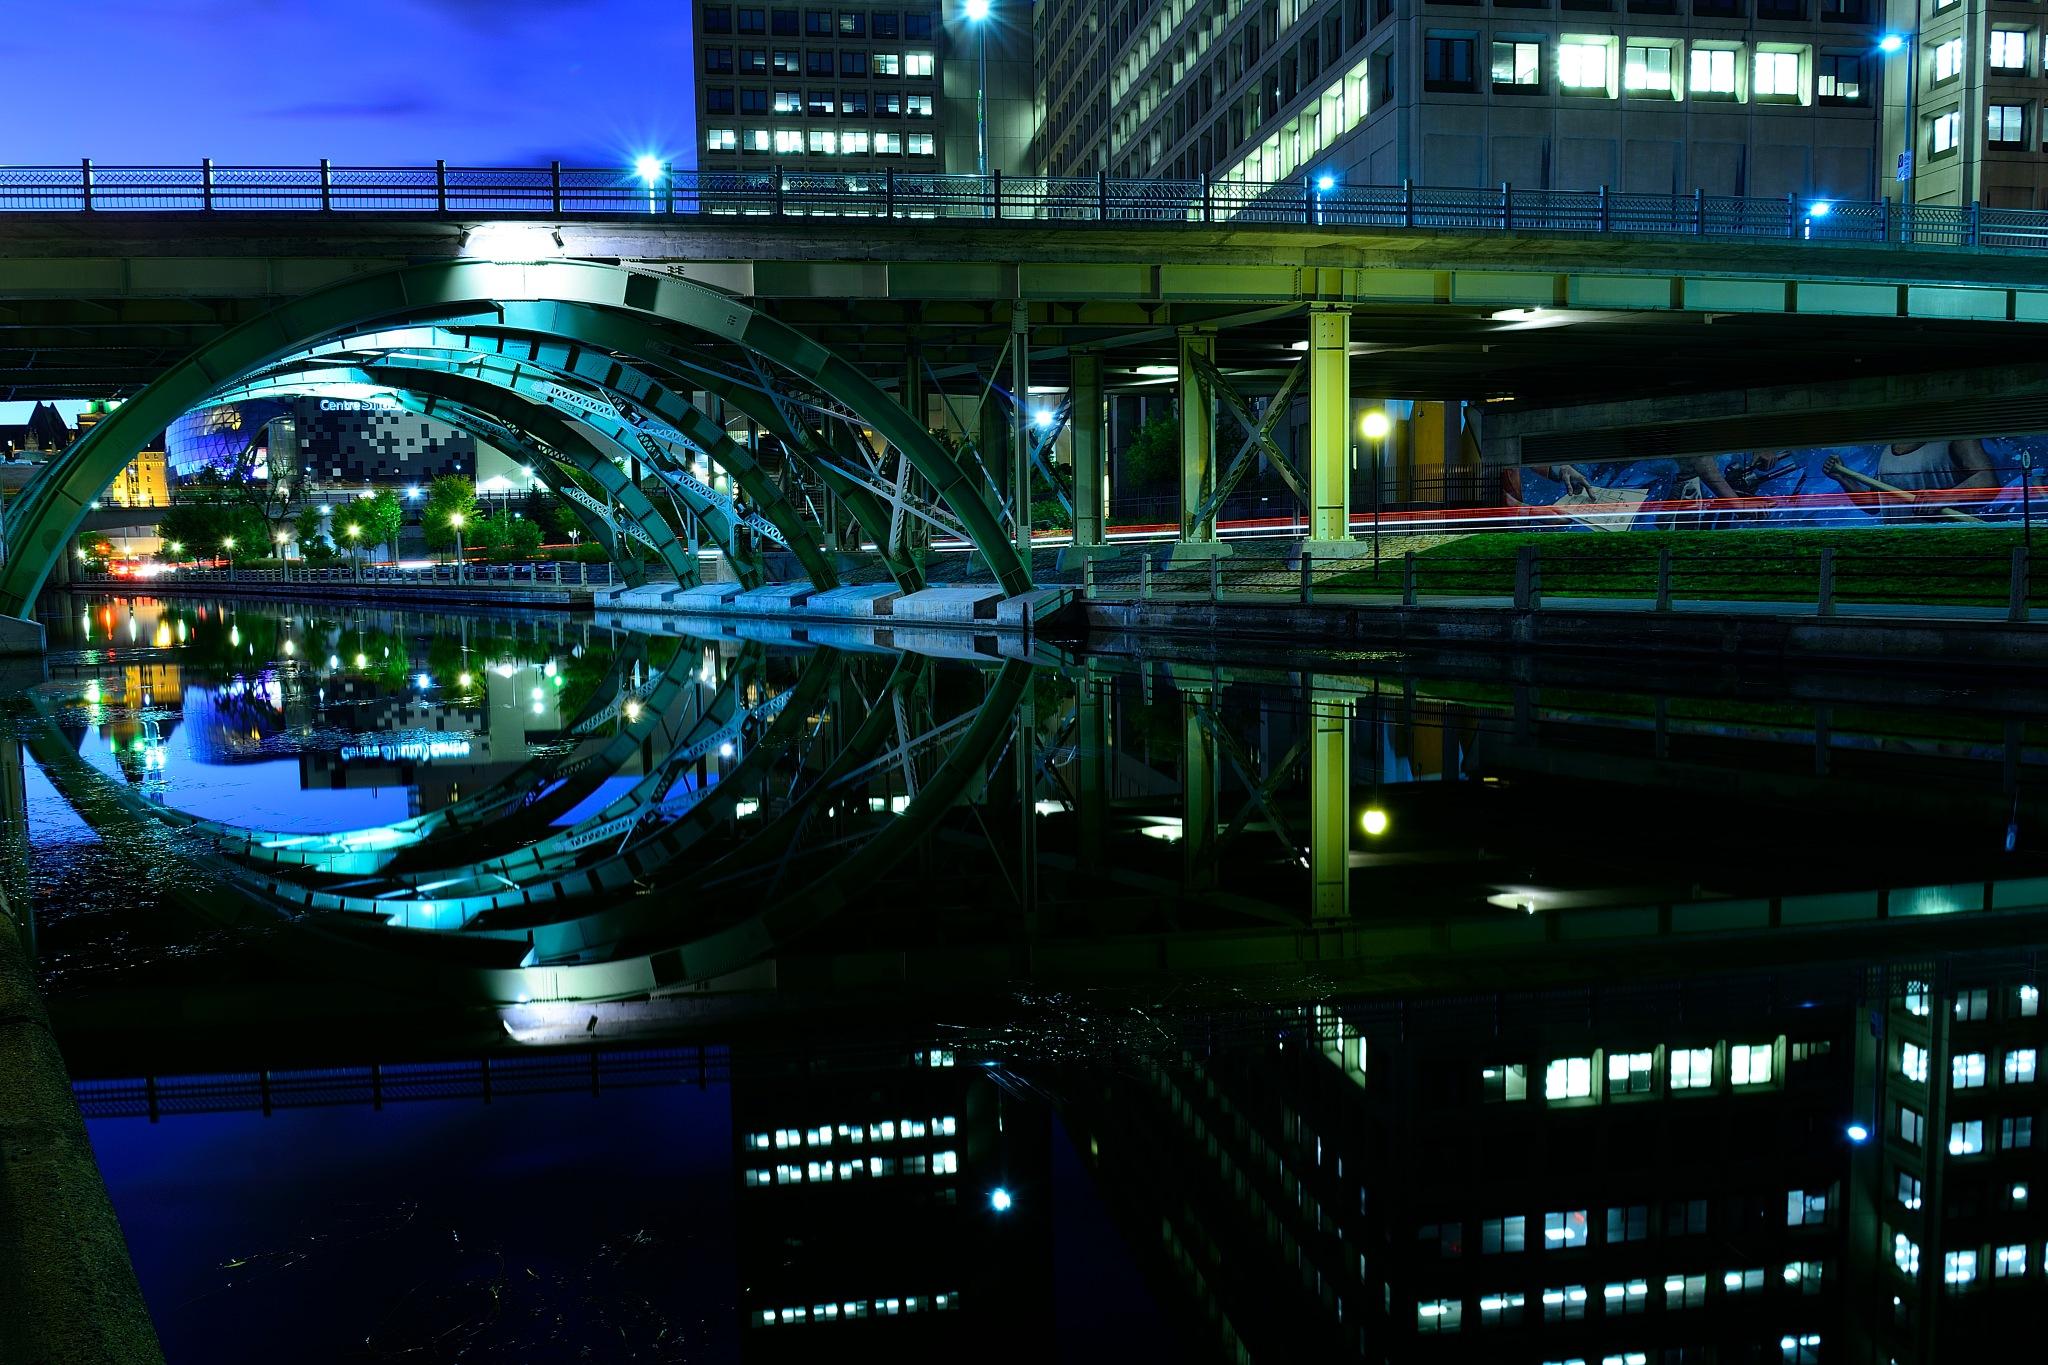 Bridge Reflection  by tamasergy